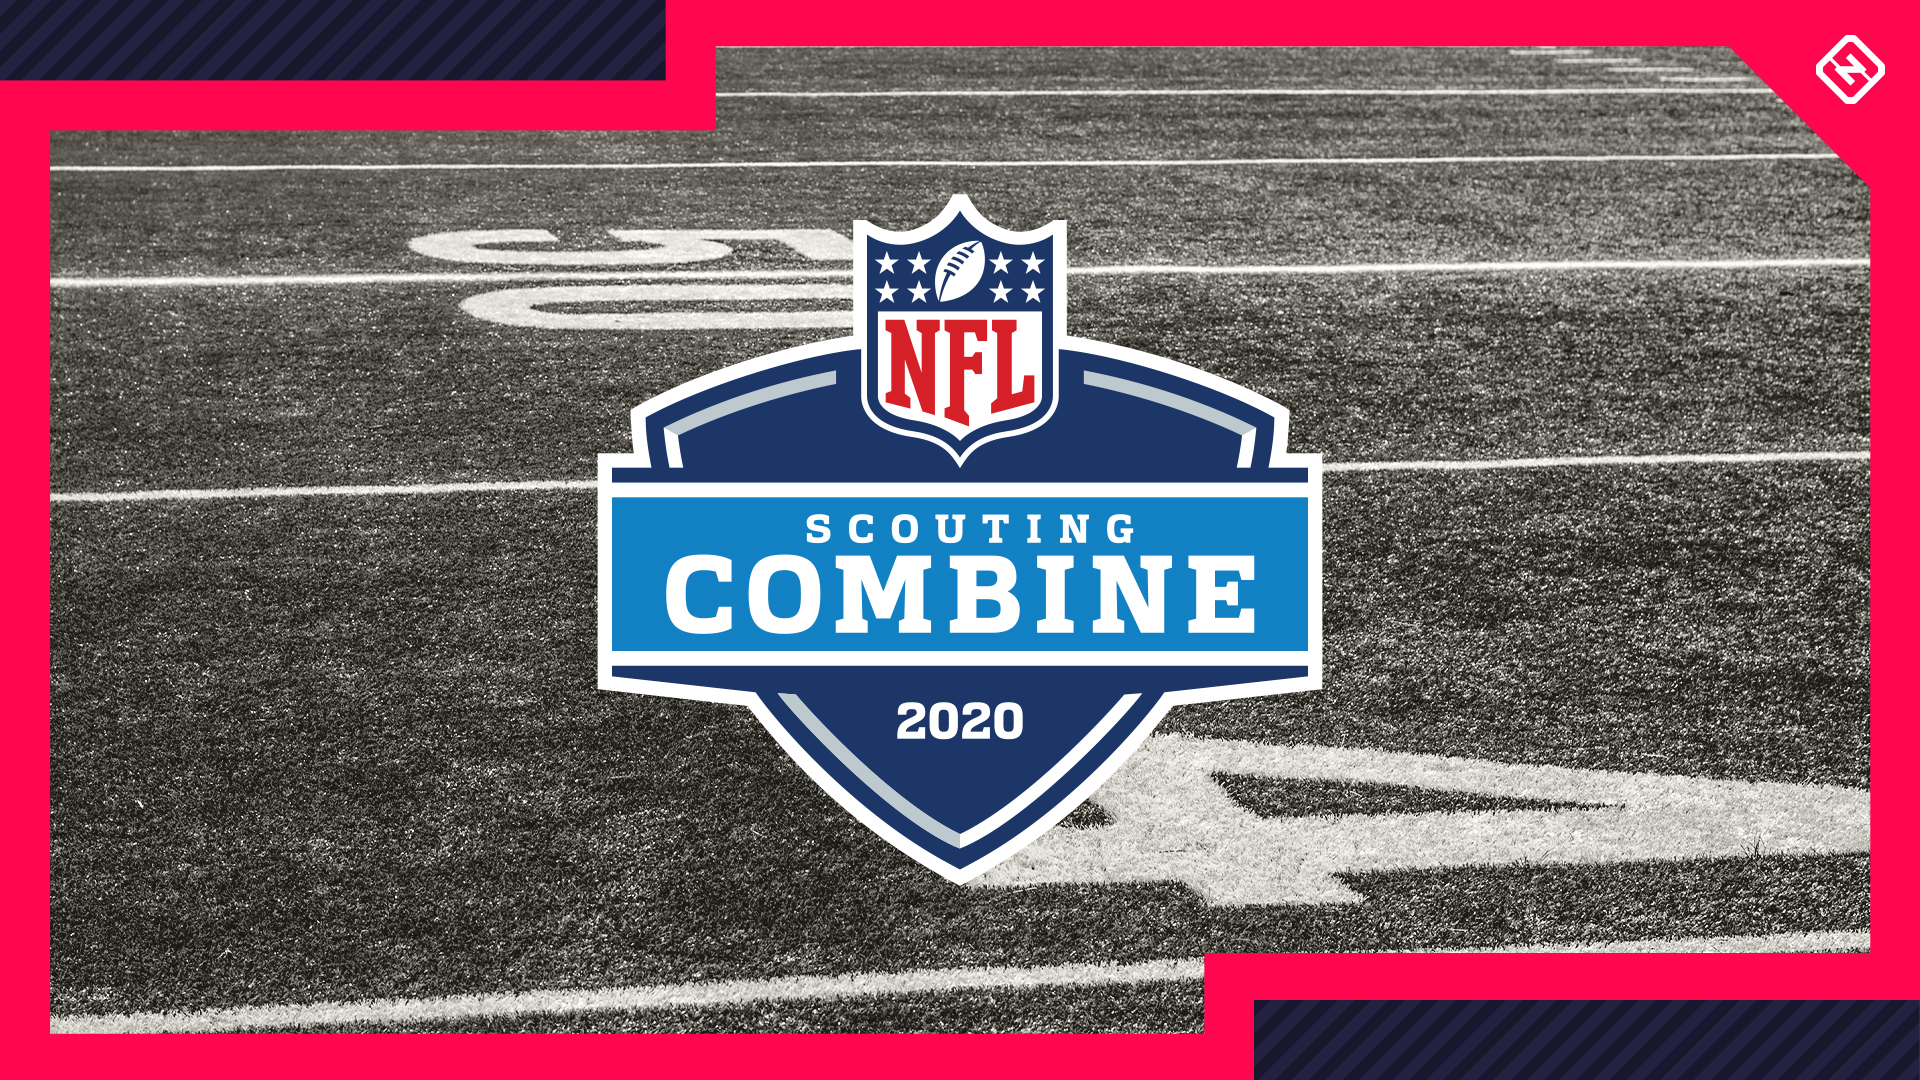 NFL Combine 2020 horario, fechas, tiempos de entrenamiento, registros, invitaciones y todo lo demás para saber 15